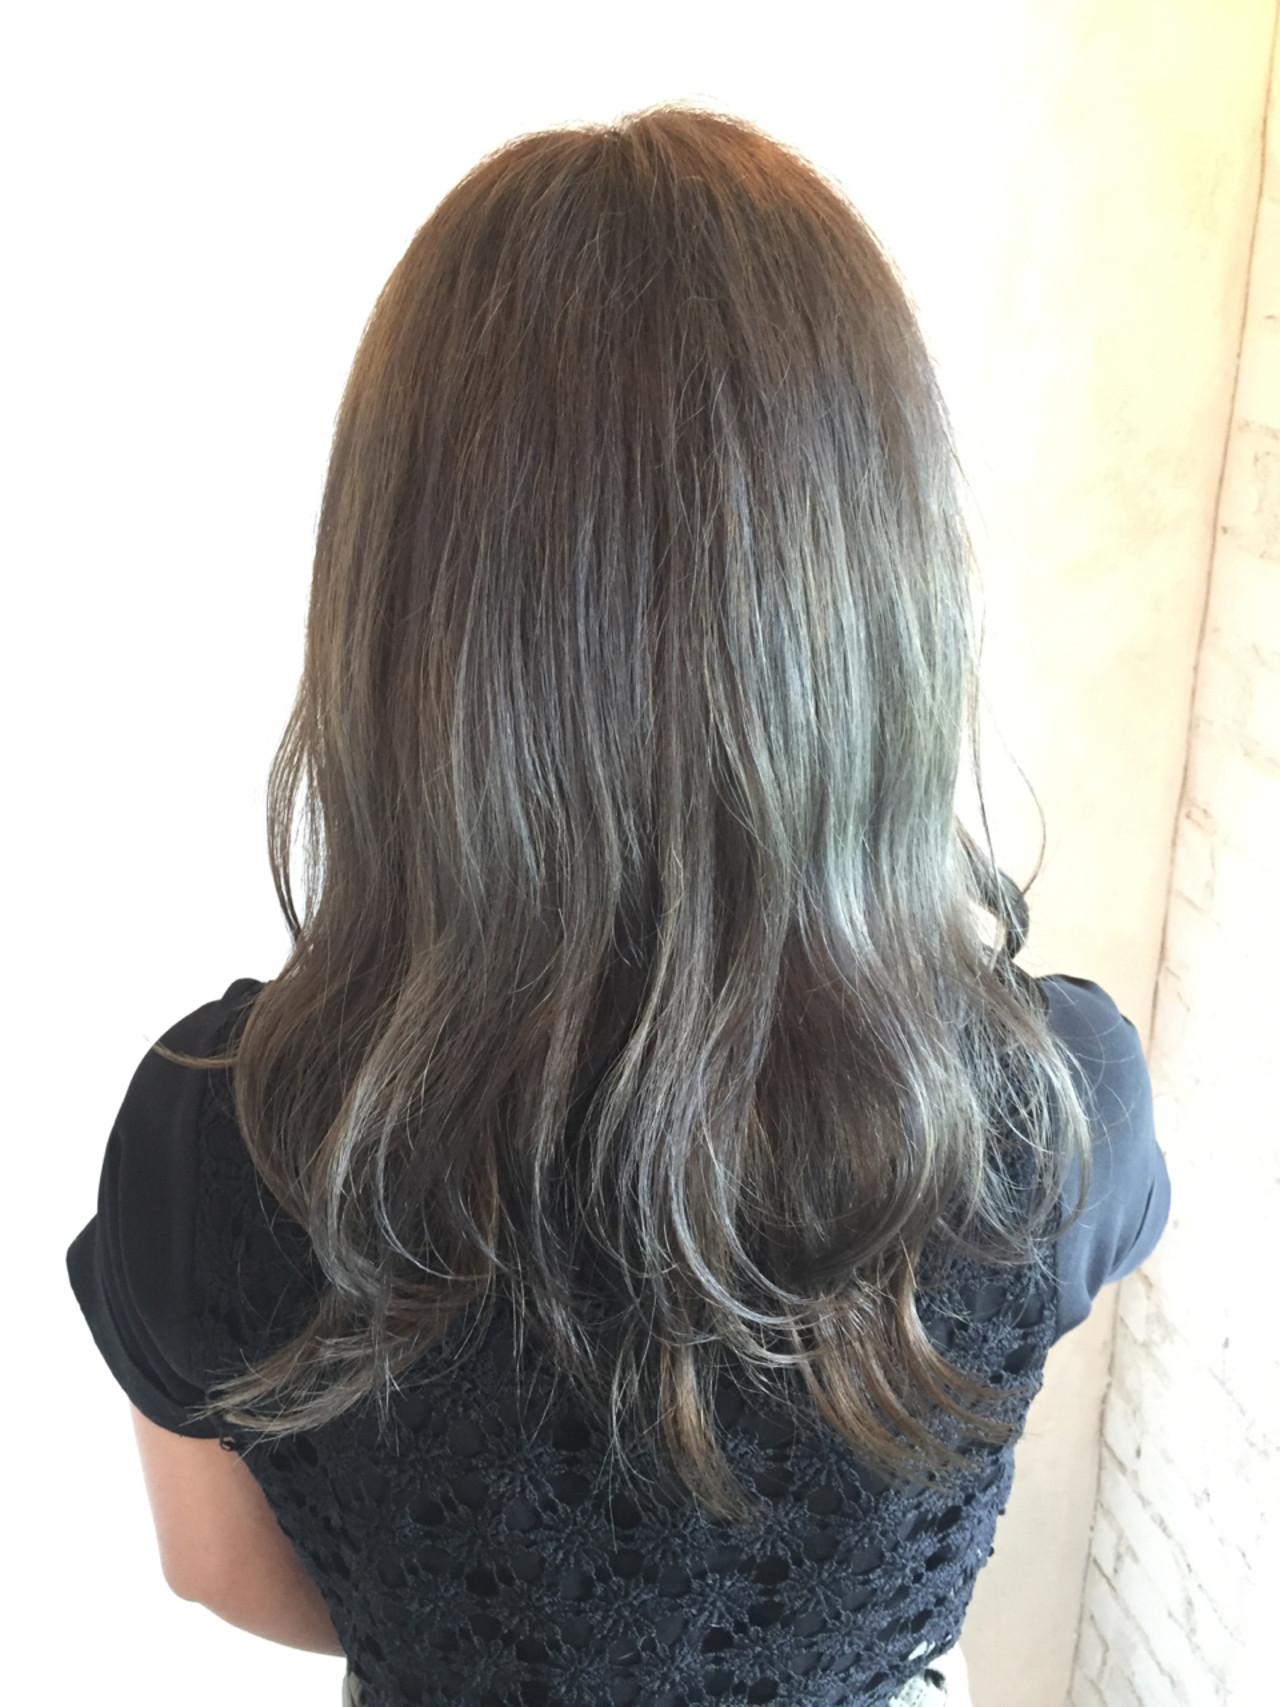 セミロング ブリーチ ガーリー グレージュ ヘアスタイルや髪型の写真・画像